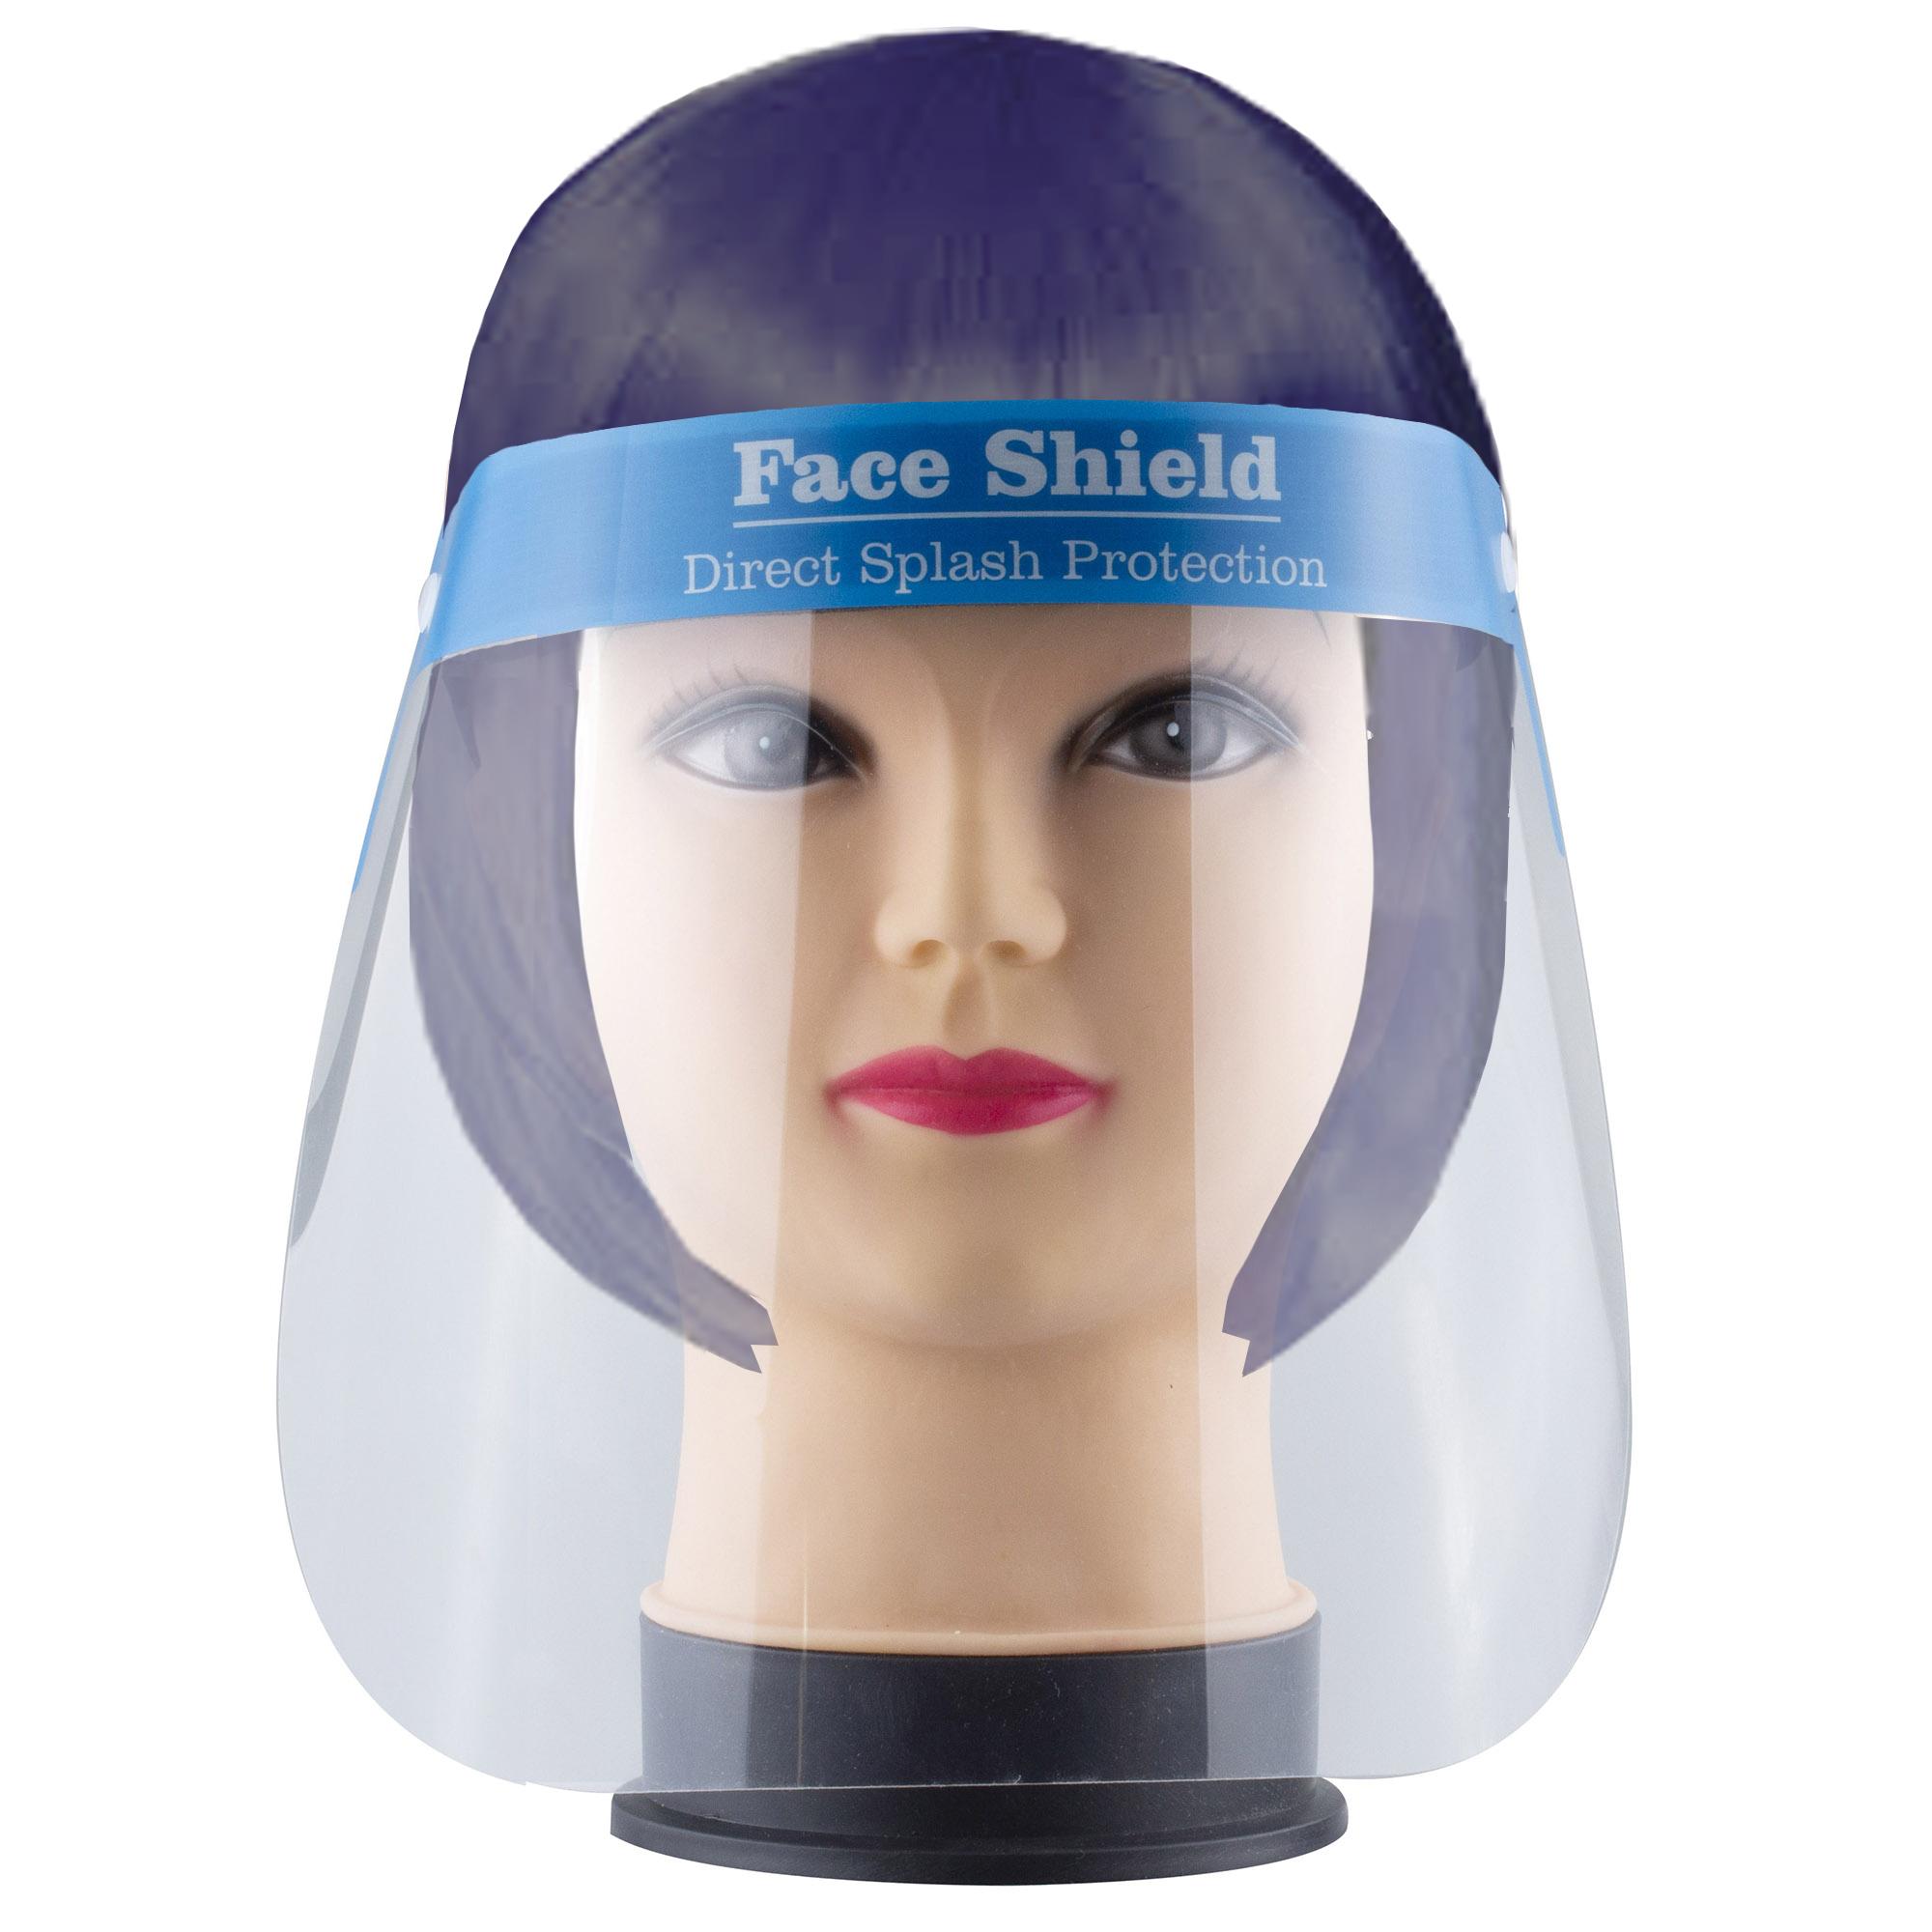 Gesichts Schutzschild Face Shield Visier aus Kunststoff 10 Visier Gesichtsschutz